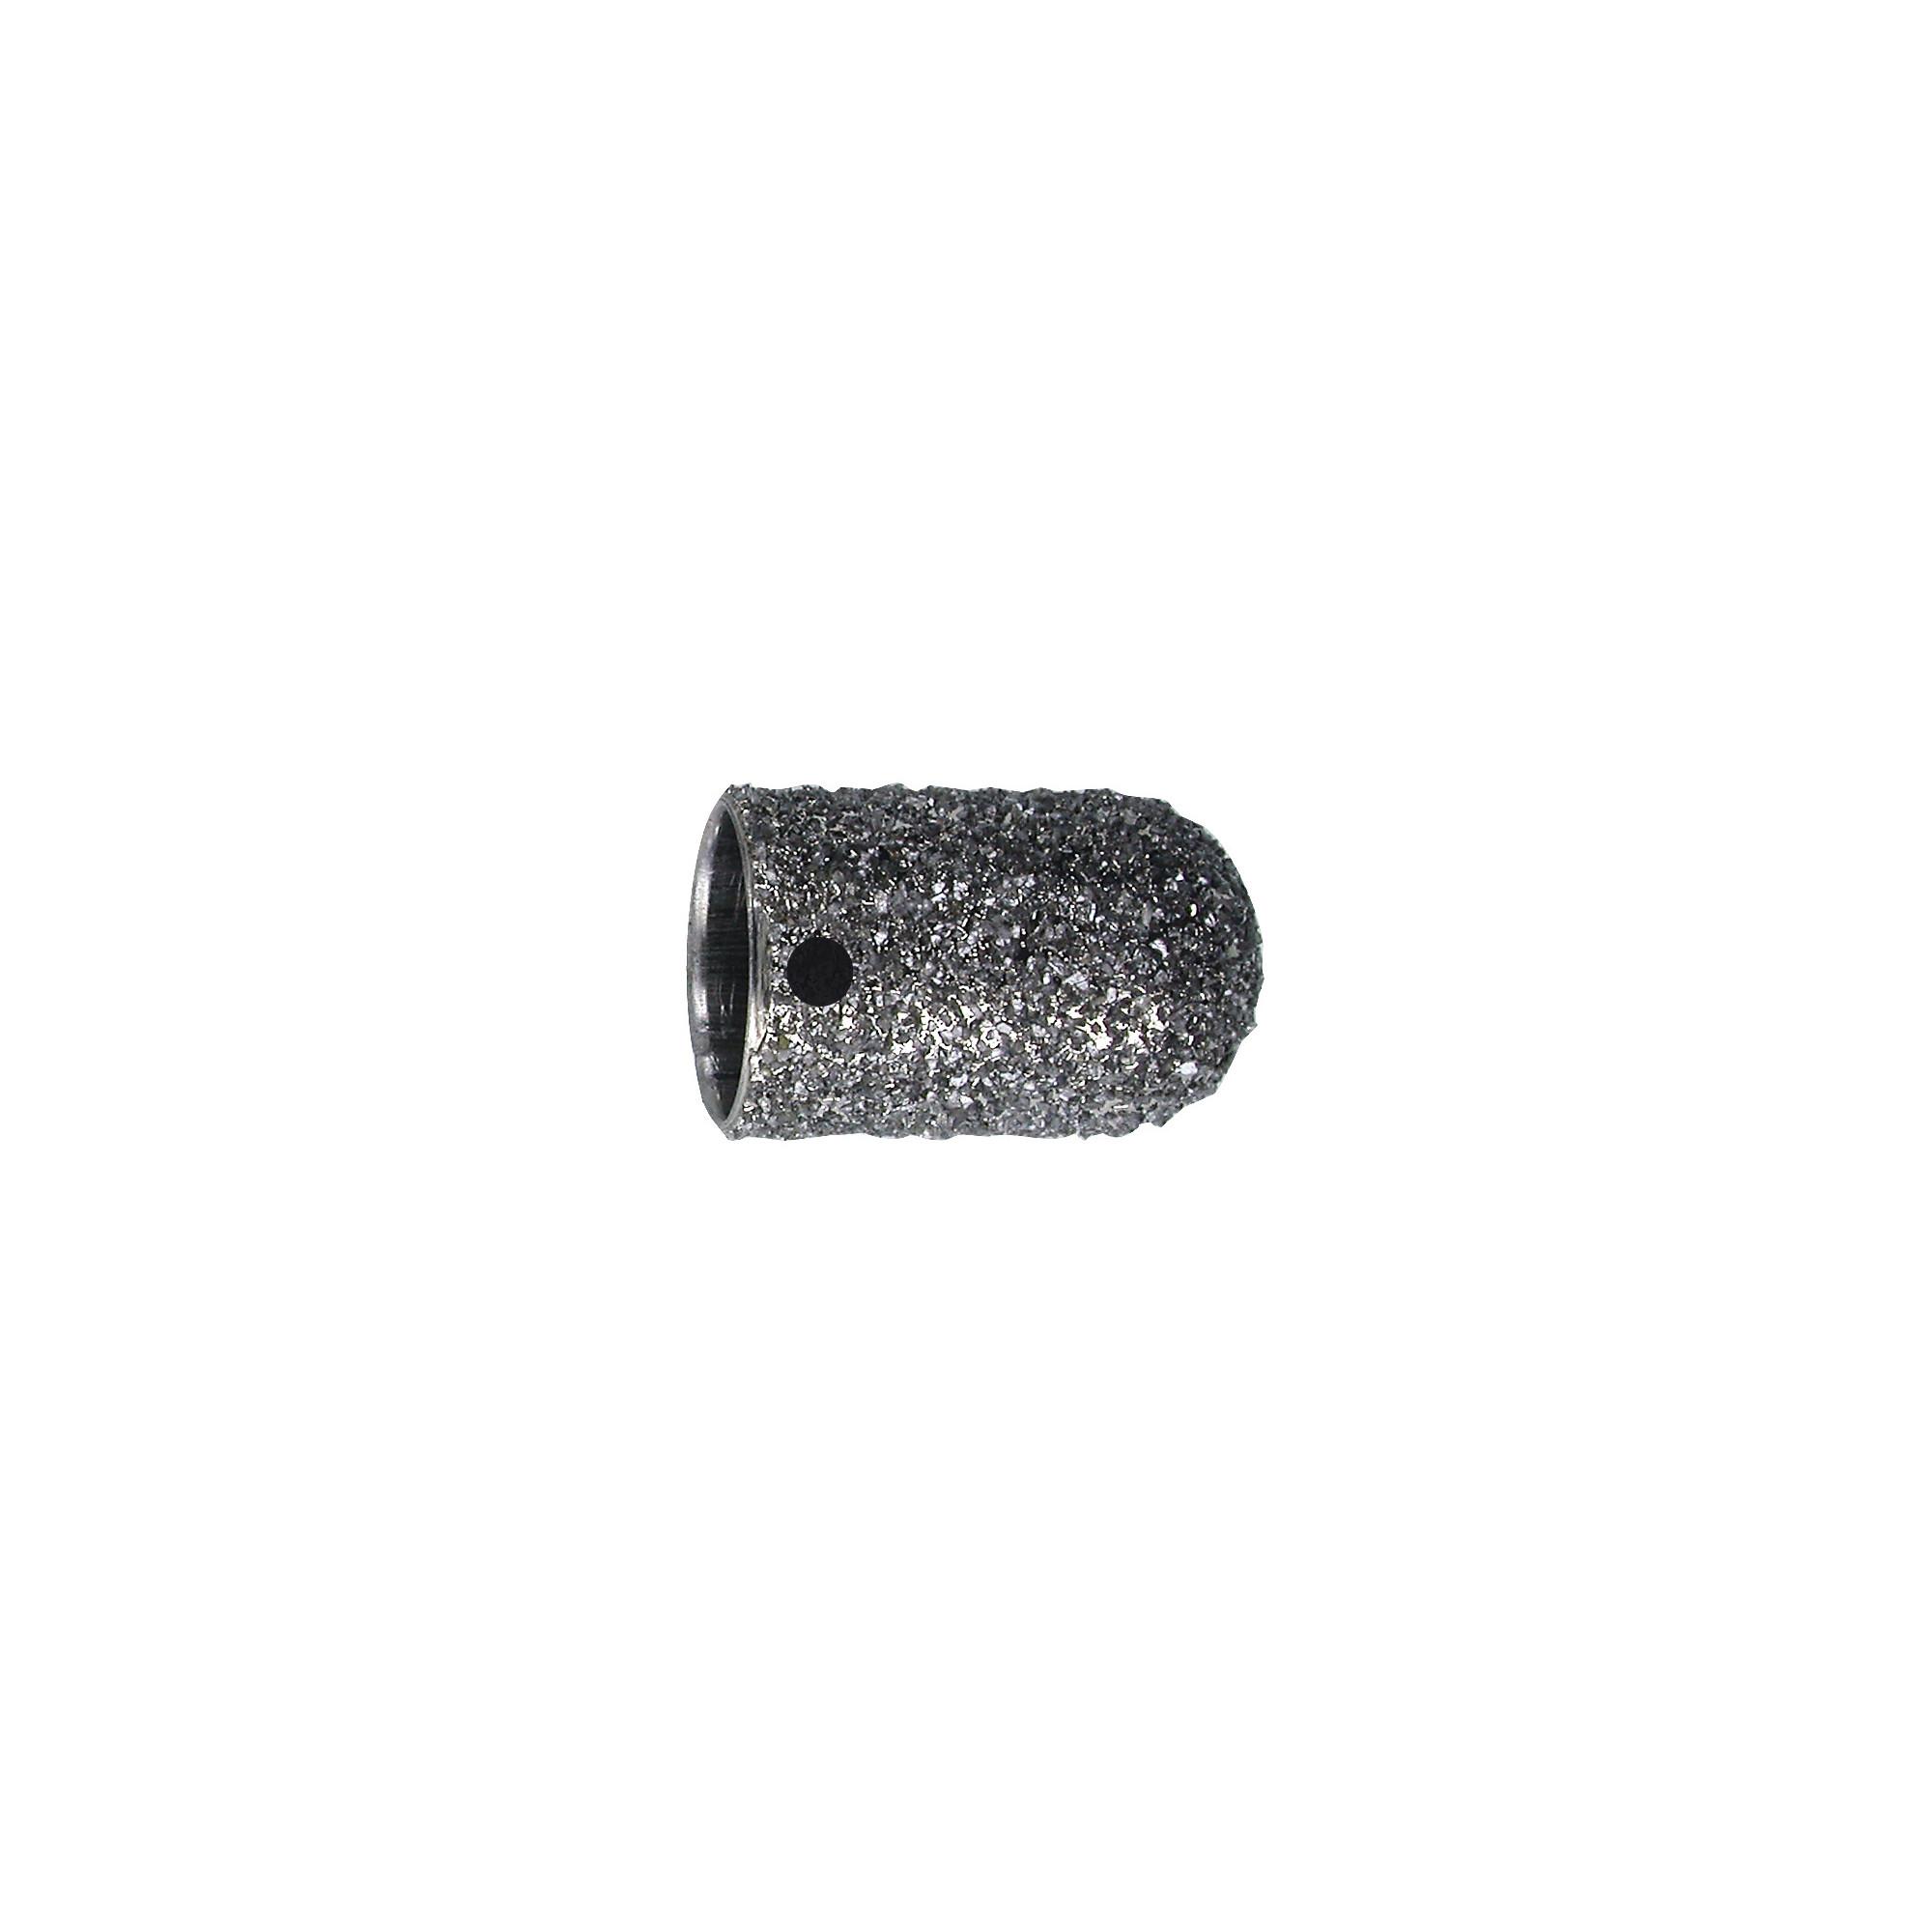 Fraise MC5880M - Diamant - Abrasion des callosités dures - 9,5 mm